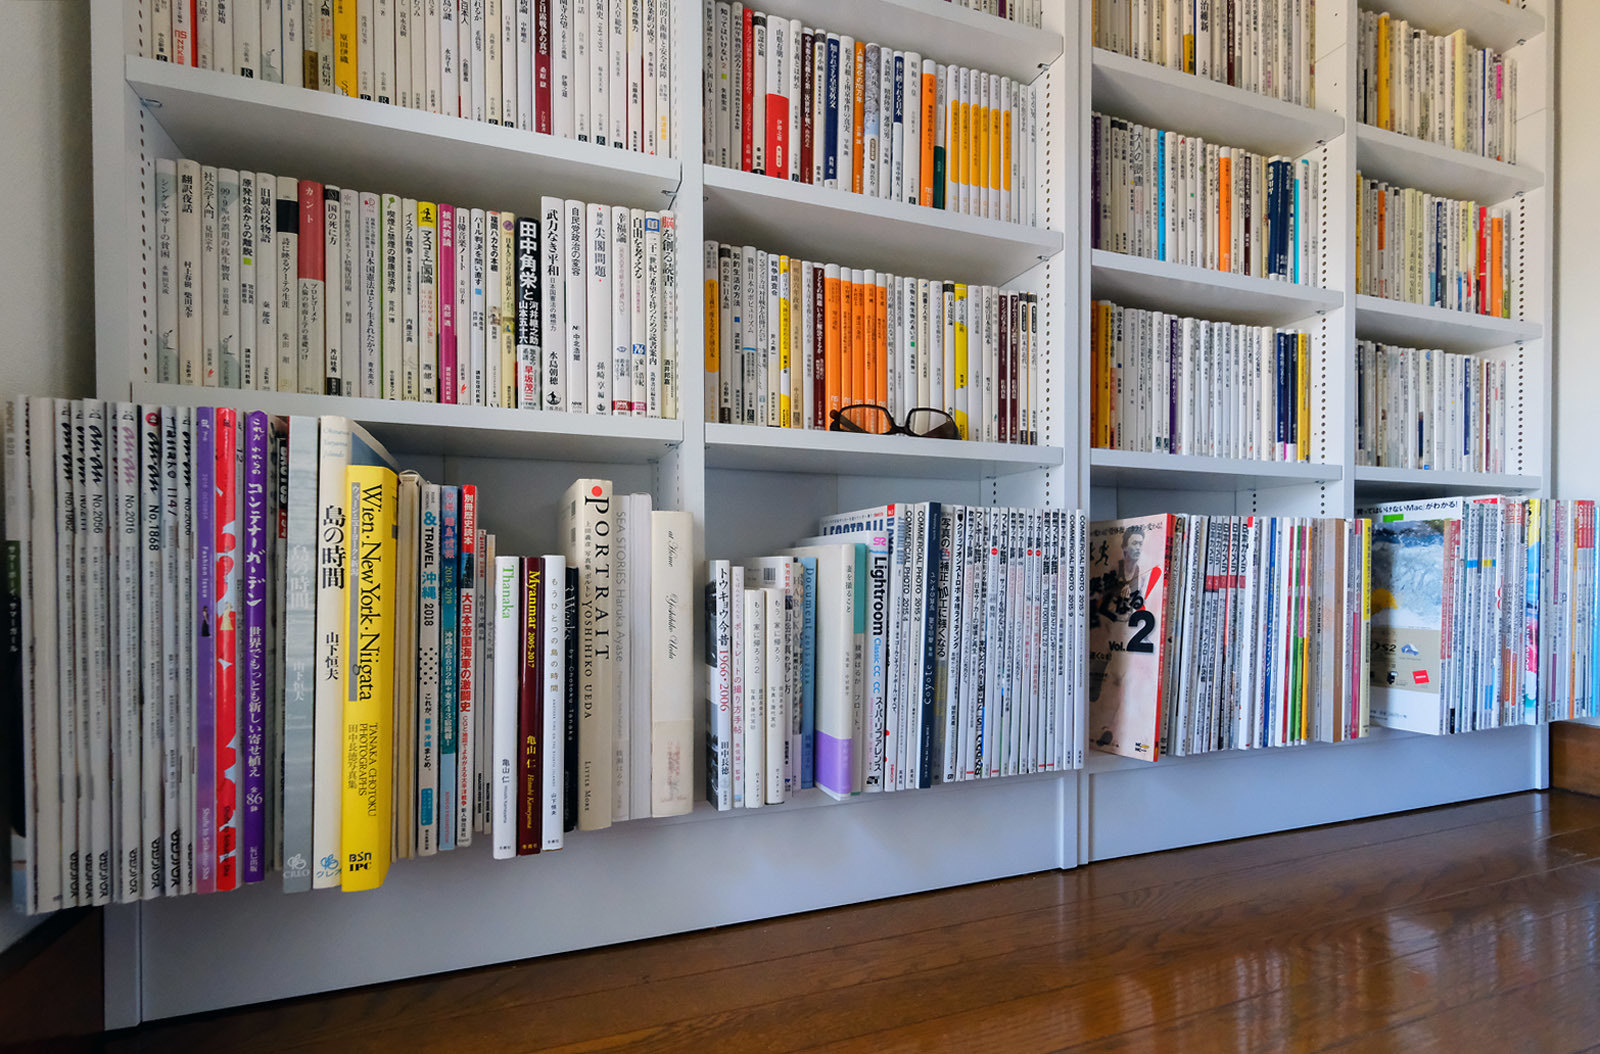 本を読む環境を整えようかと検討中_e0367501_21452693.jpg